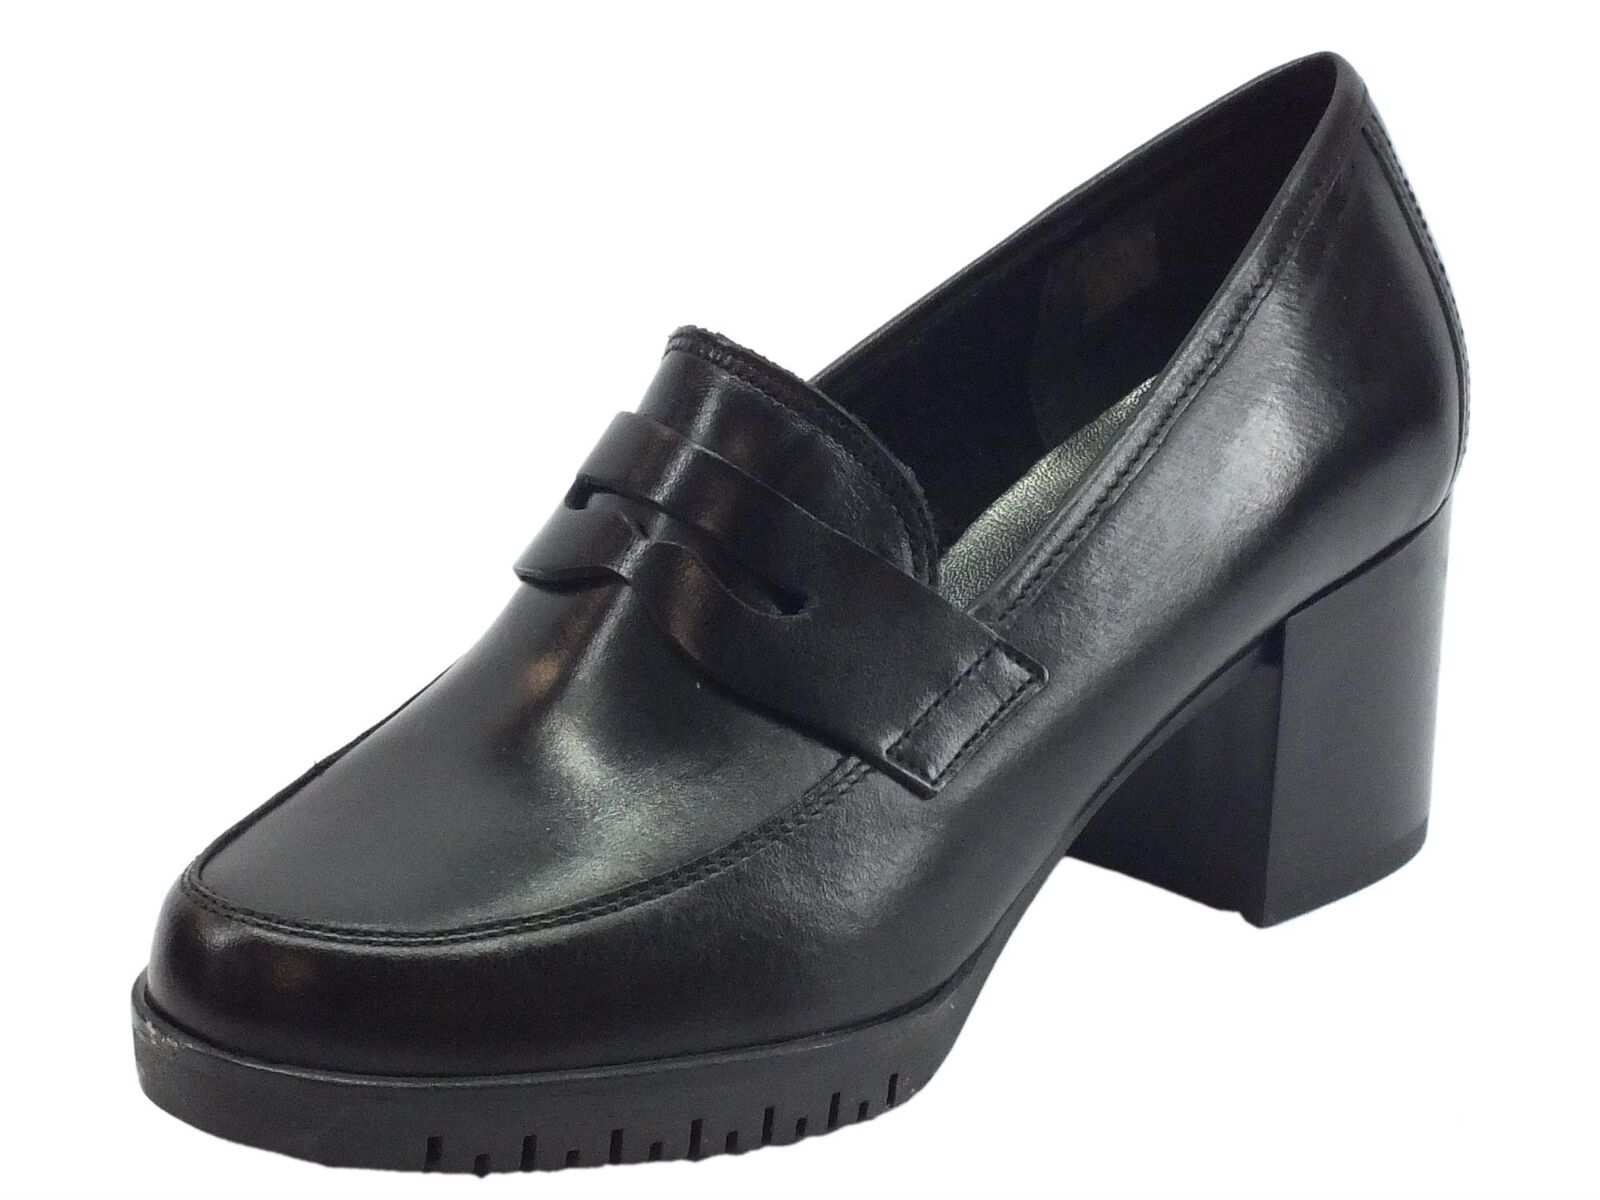 Cinzia Soft mocassini classici donna in pelle colore nero tacco alto